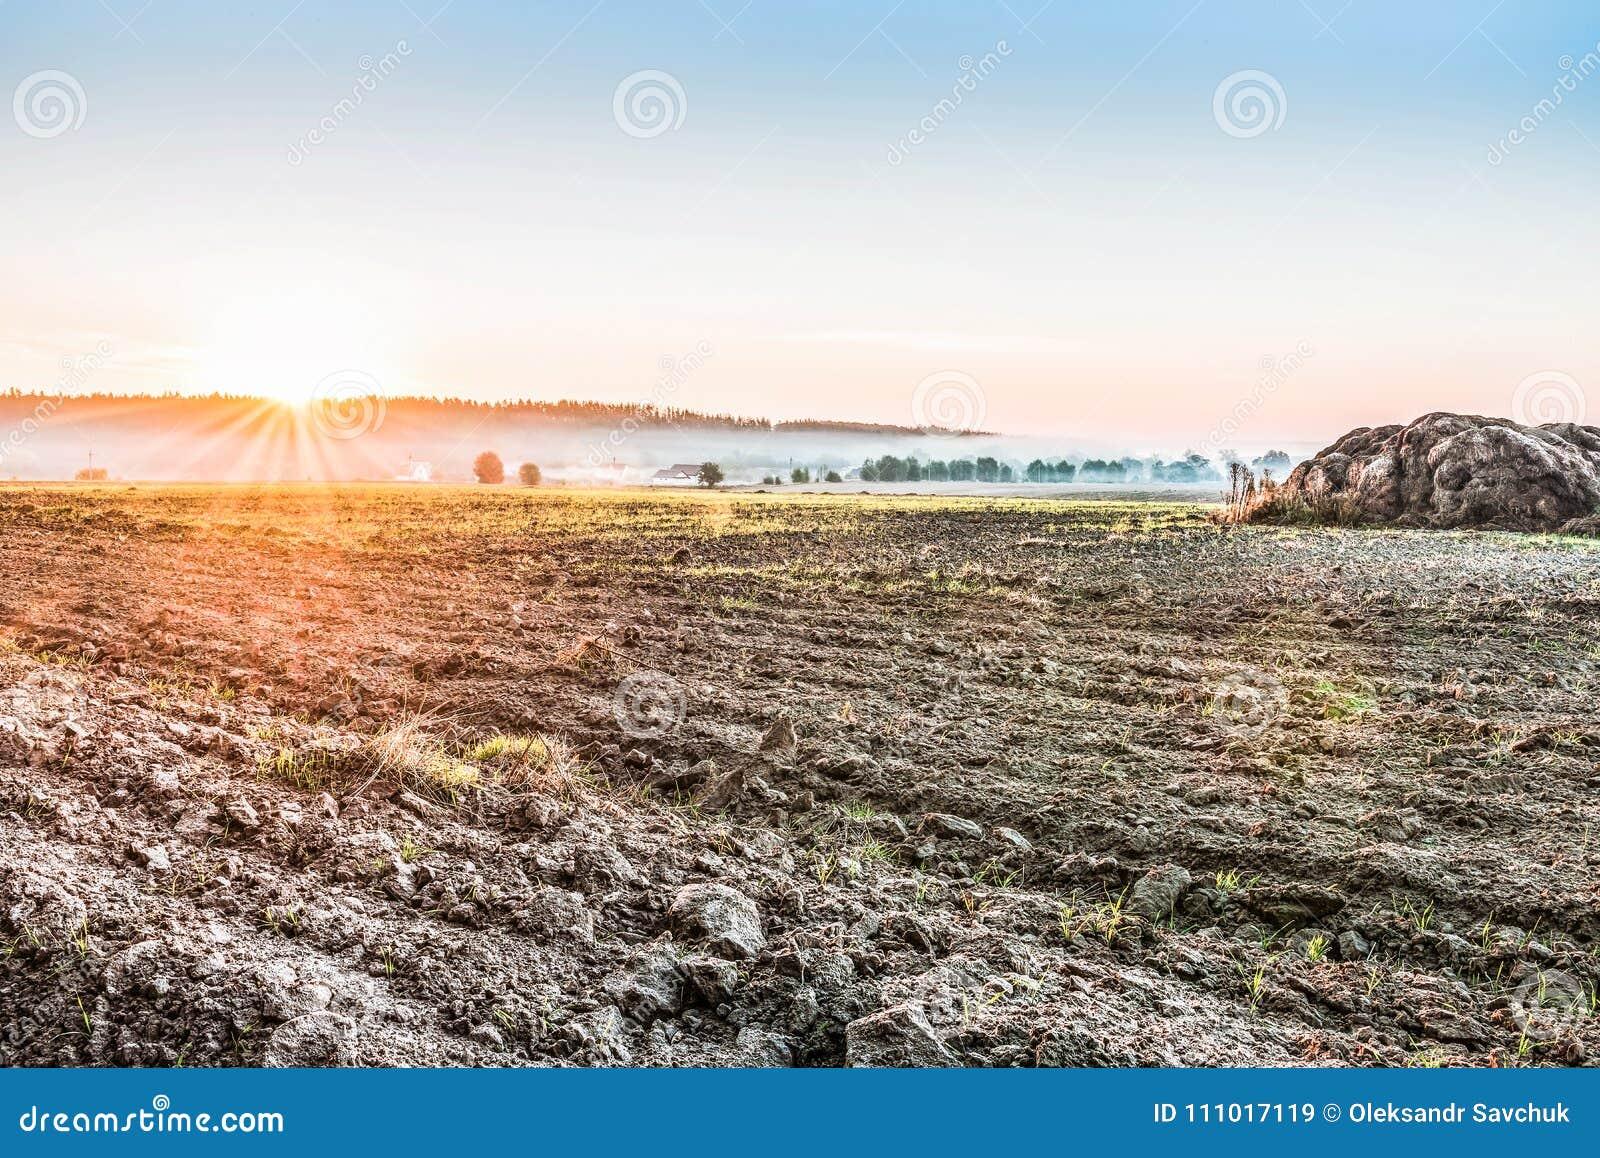 Gepflogen, nachdem ein Feld nahe Kiew, Ukraine geerntet worden ist Nebel über dem Feld früh morgens Eine ländliche Landschaft mit